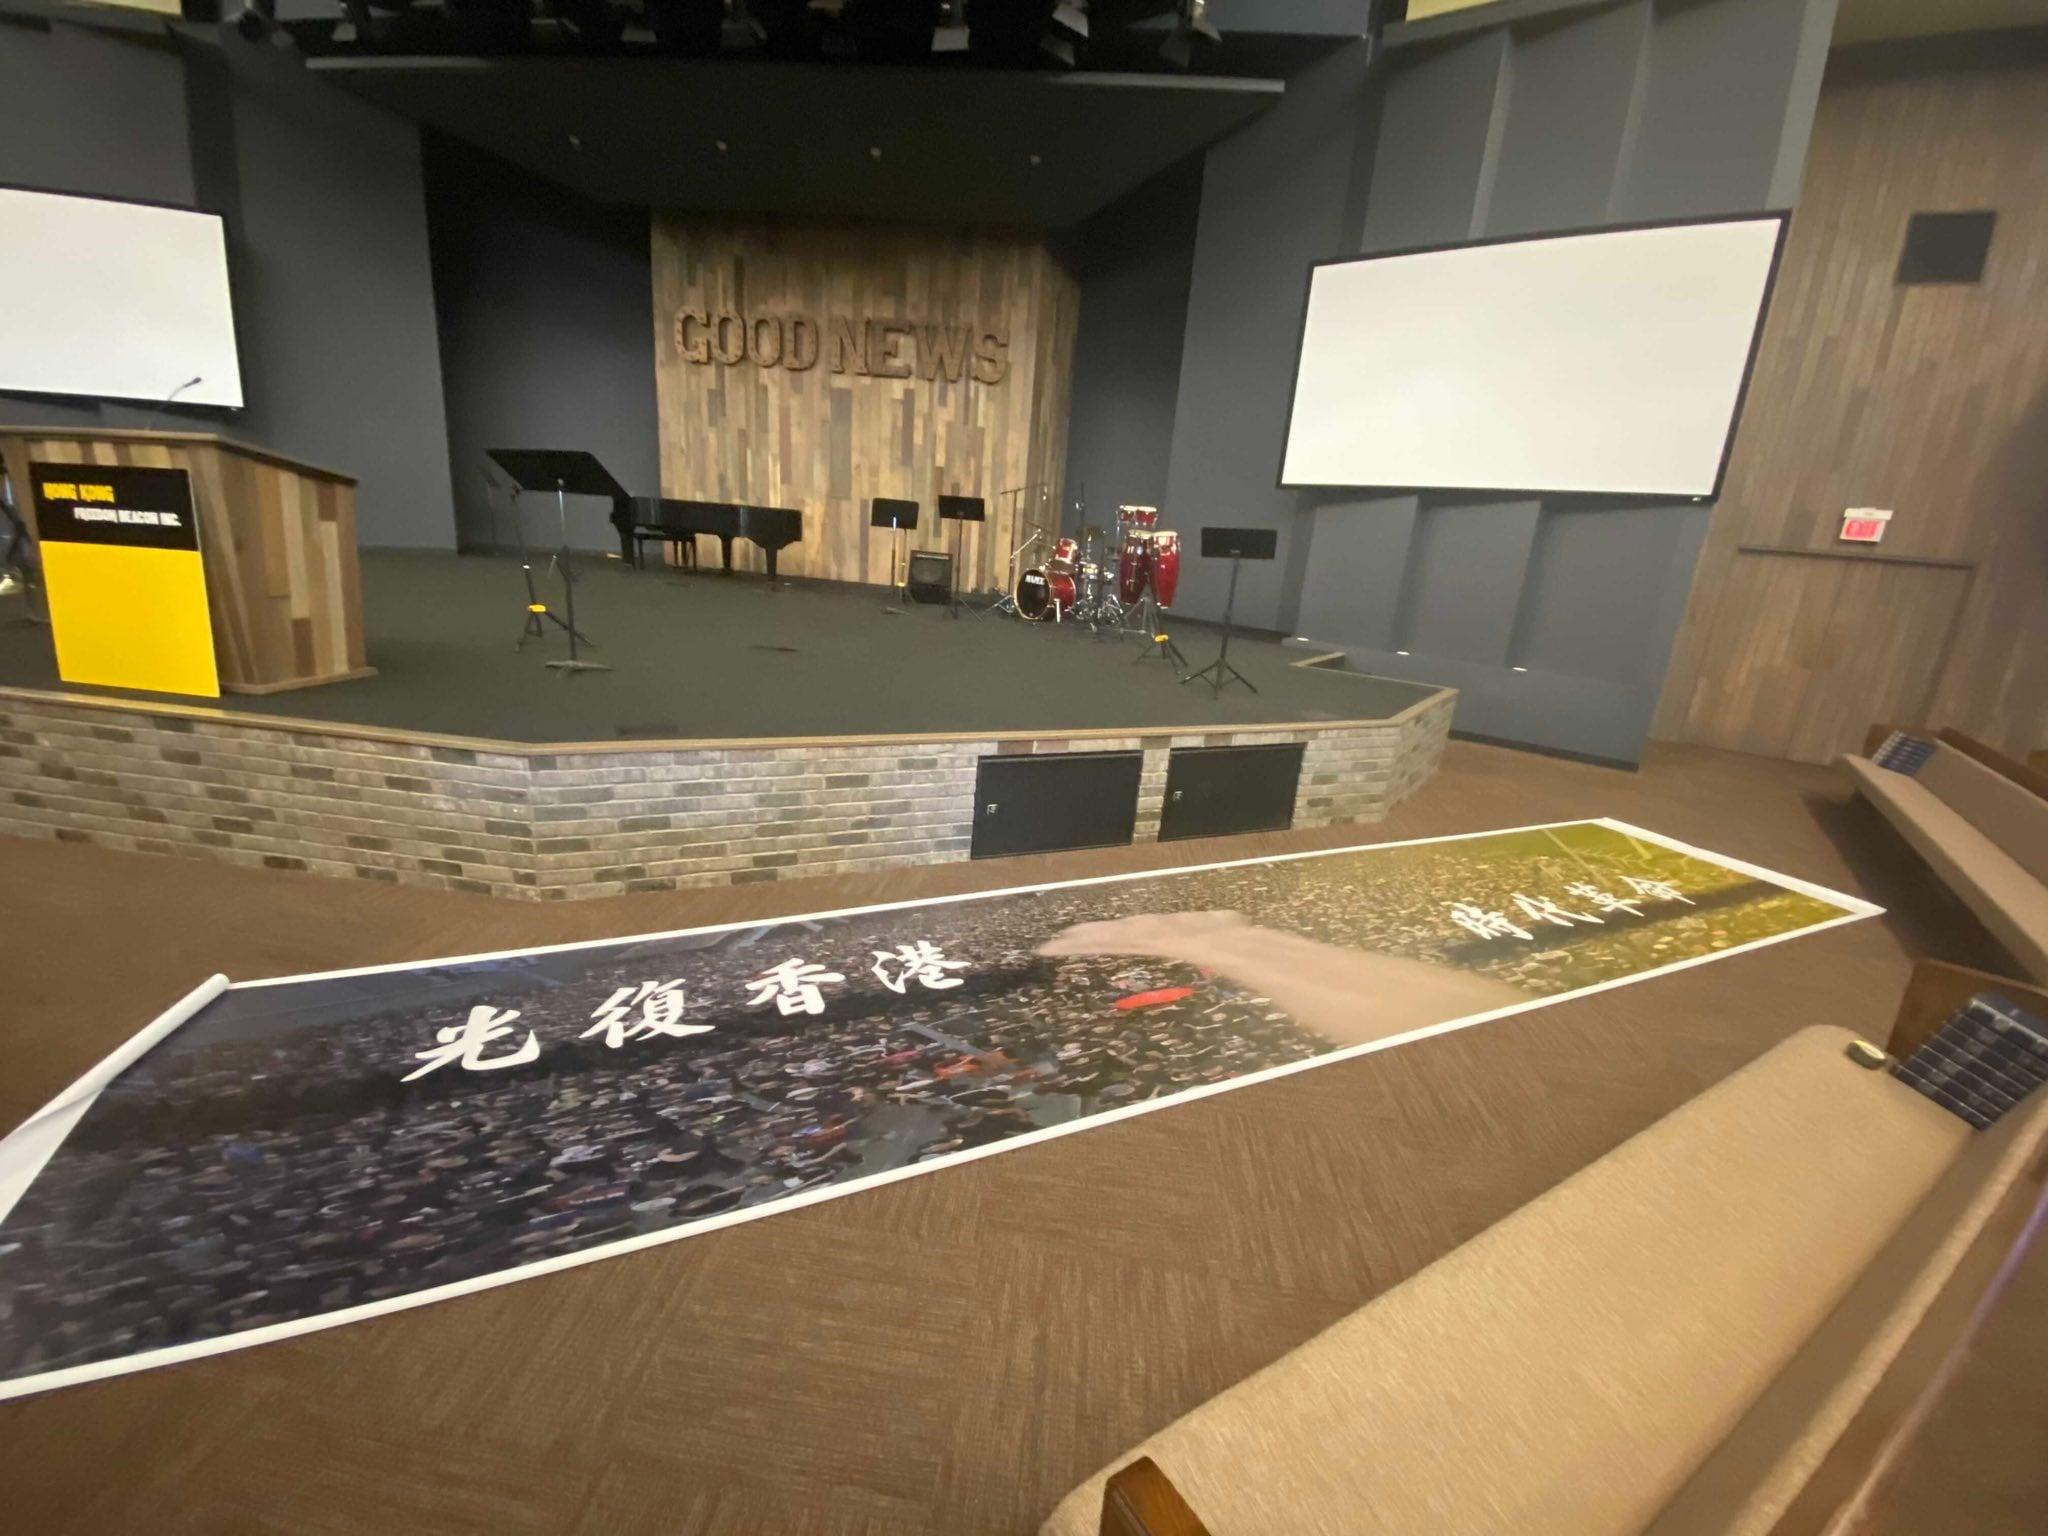 蓬佩奧與在美港人聚會會前曝光的現場布置顯示,場所擺設了一幅大型的橫額,當中寫有八個大字:「光復香港 時代革命」。(「香港自由燈塔」Facebook 圖片)